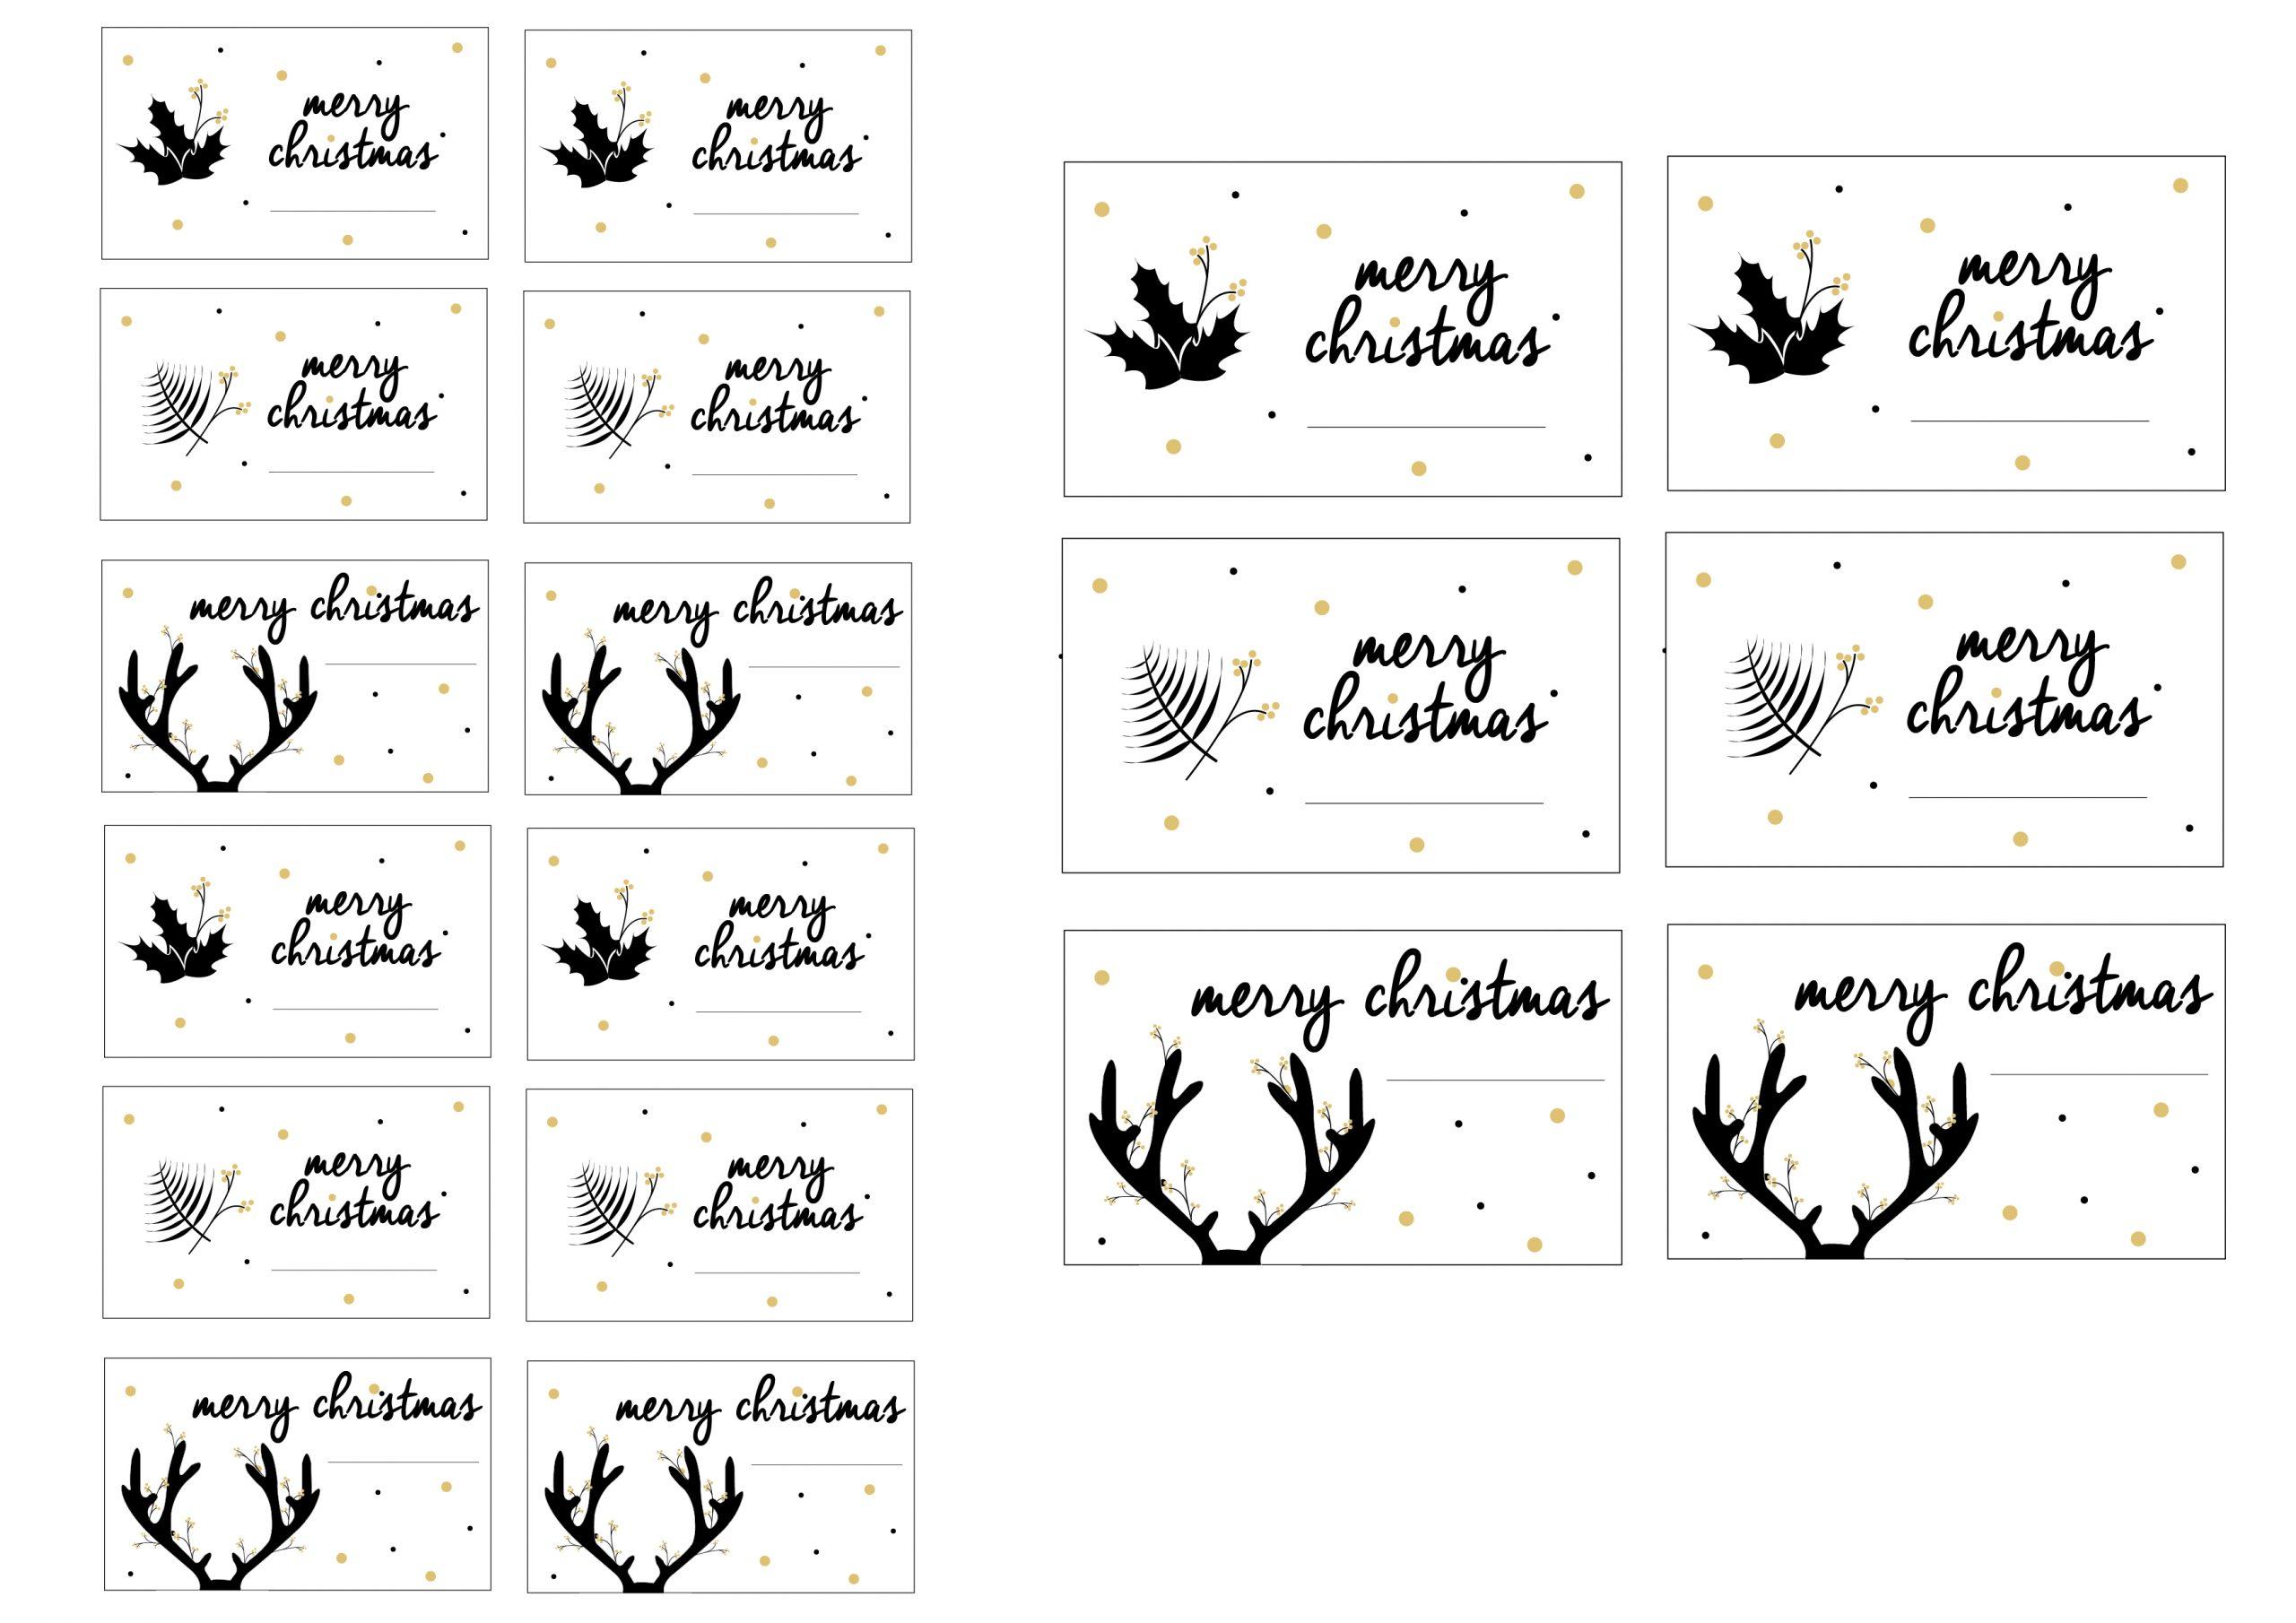 Etiquettes Cadeaux À Telecharger – La Loutre Scandinave tout Etiquette Cadeau Noel A Imprimer Gratuitement